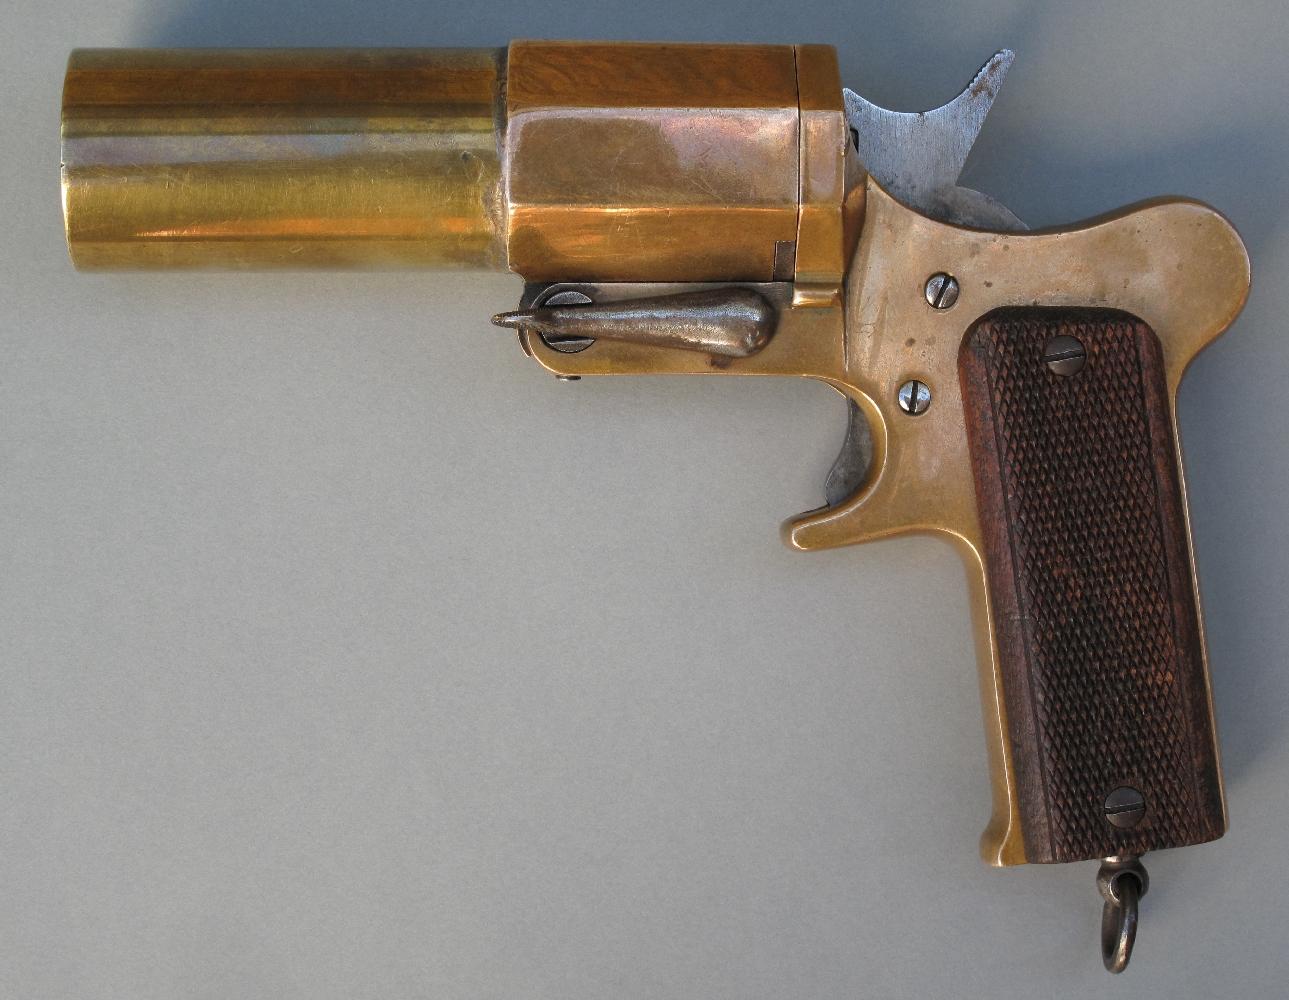 Une version en calibre 35 mm du Modèle 1918 de troupe sera également étudiée, mais elle restera au stade expérimental. L'exemplaire présenté ici porte le numéro 2, sans aucune indication du fabricant.